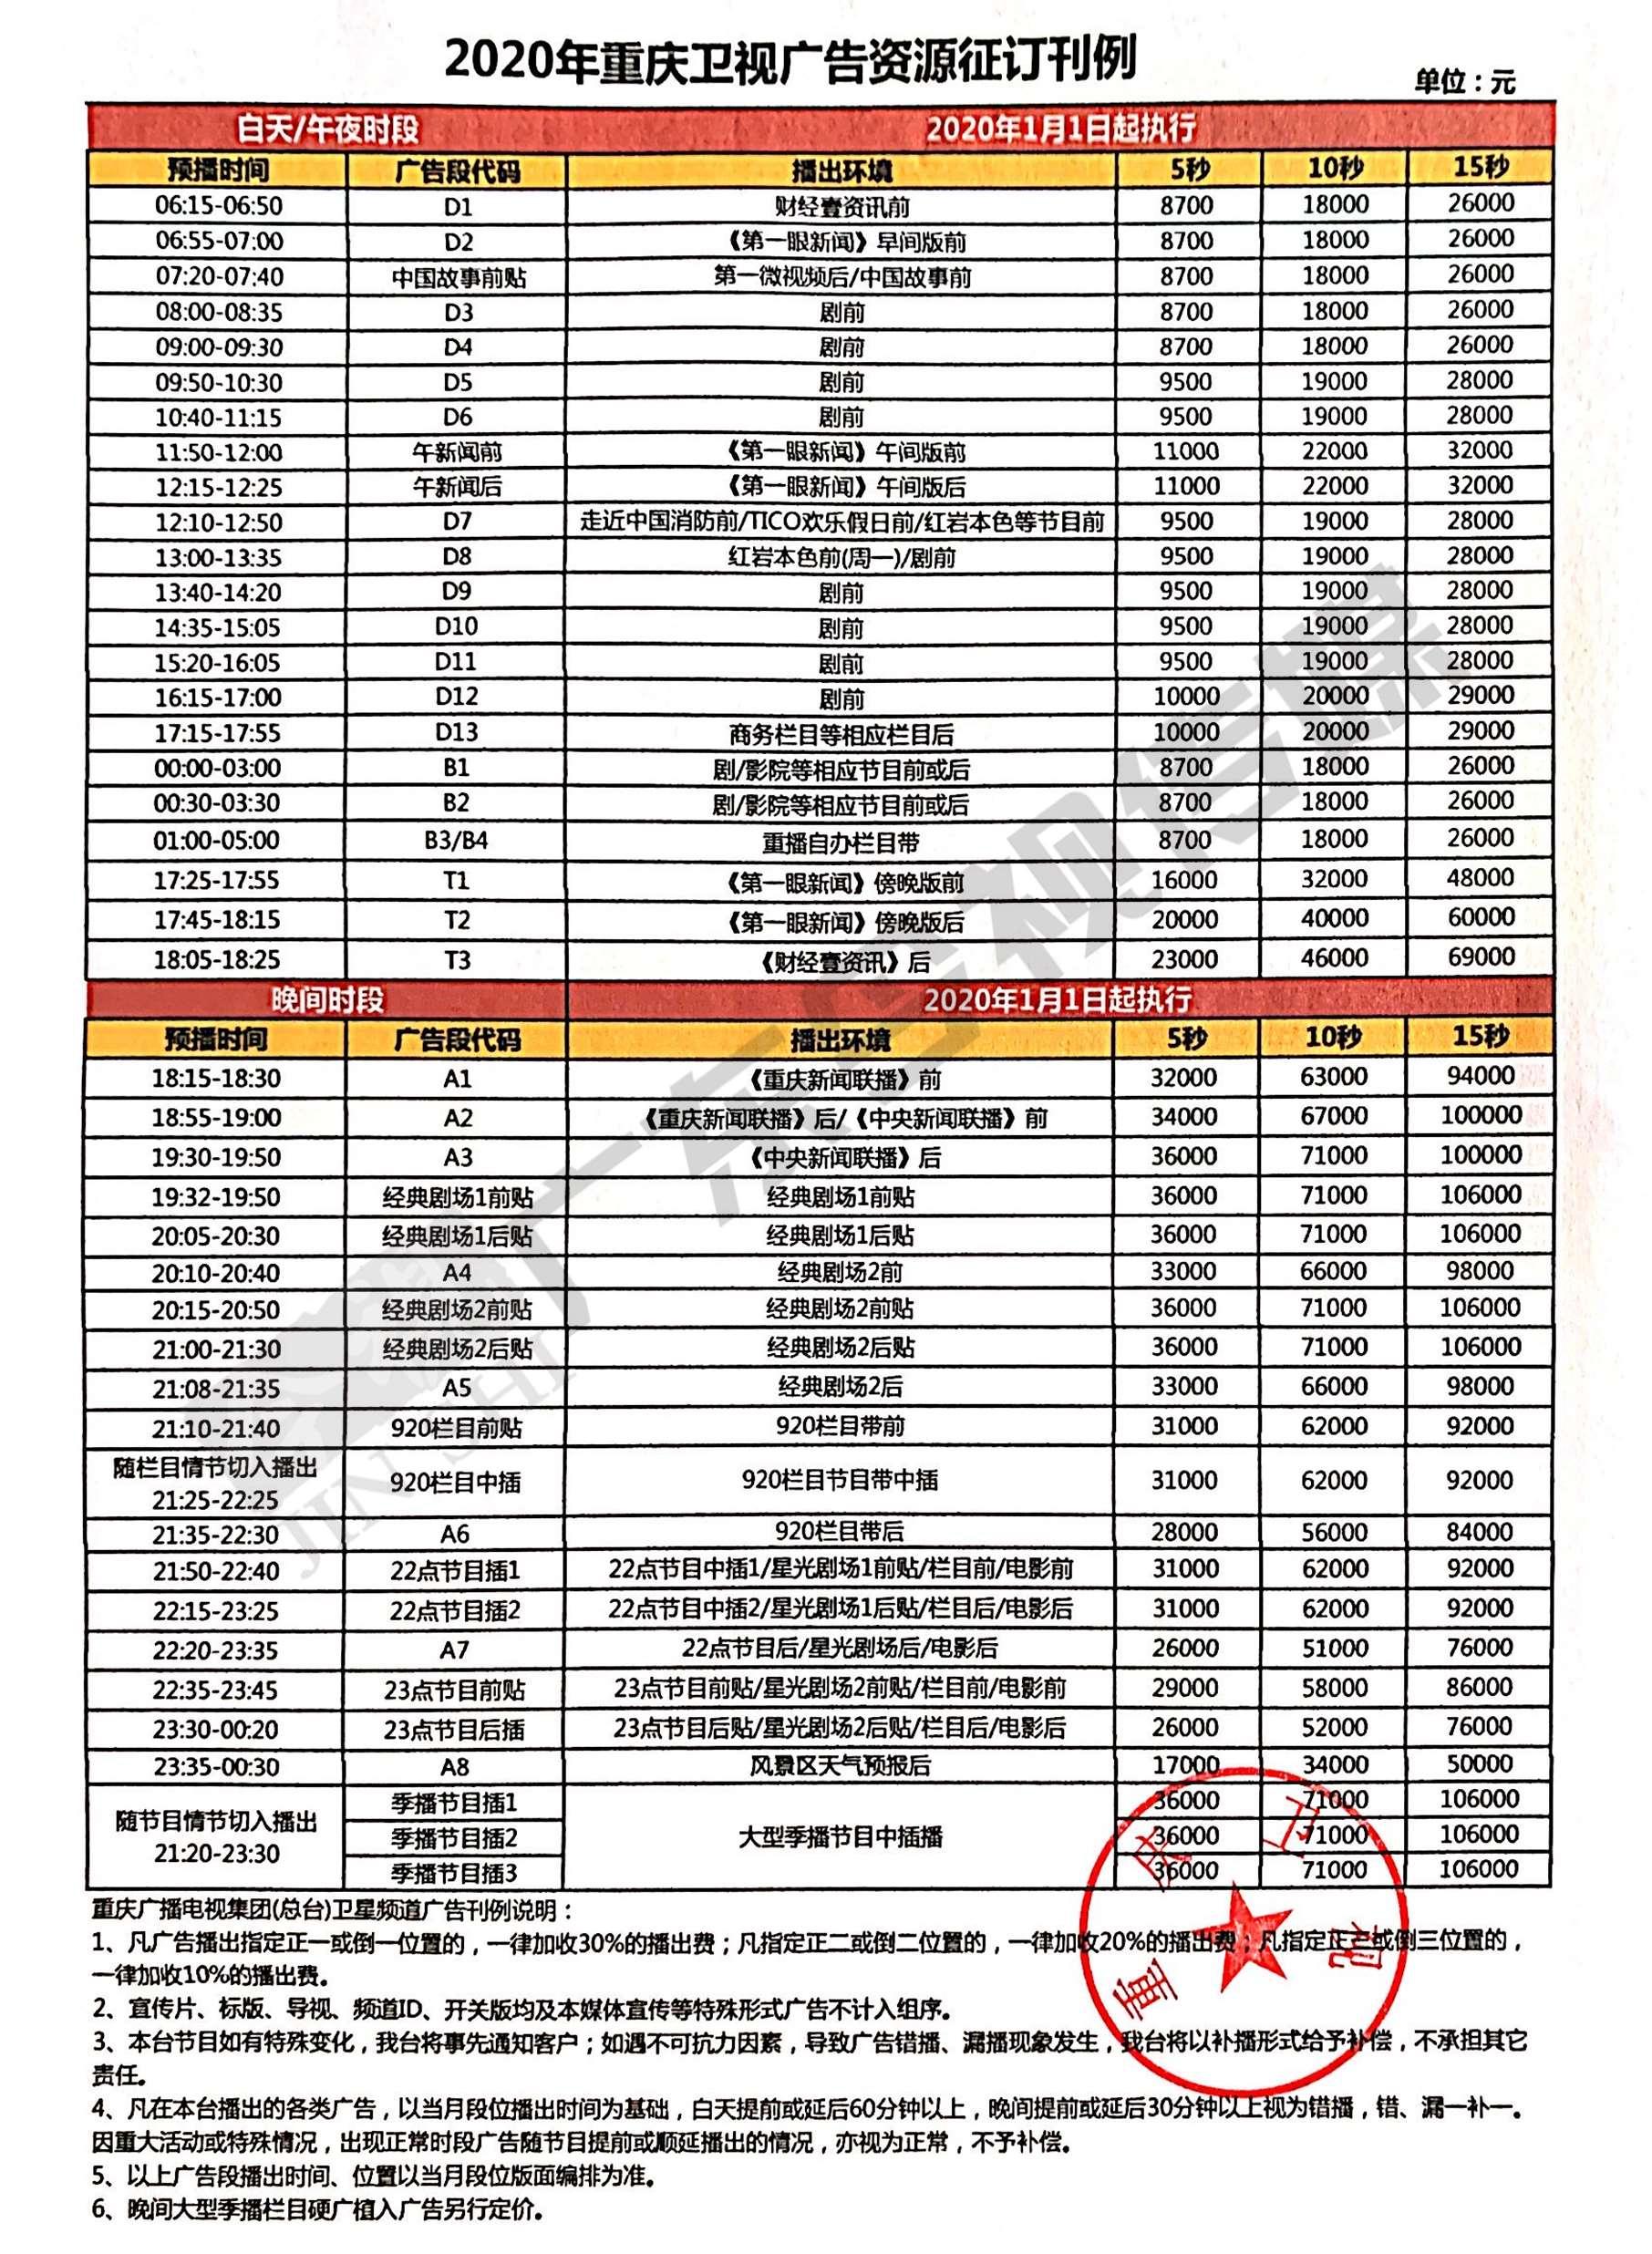 重庆卫视广告价格表